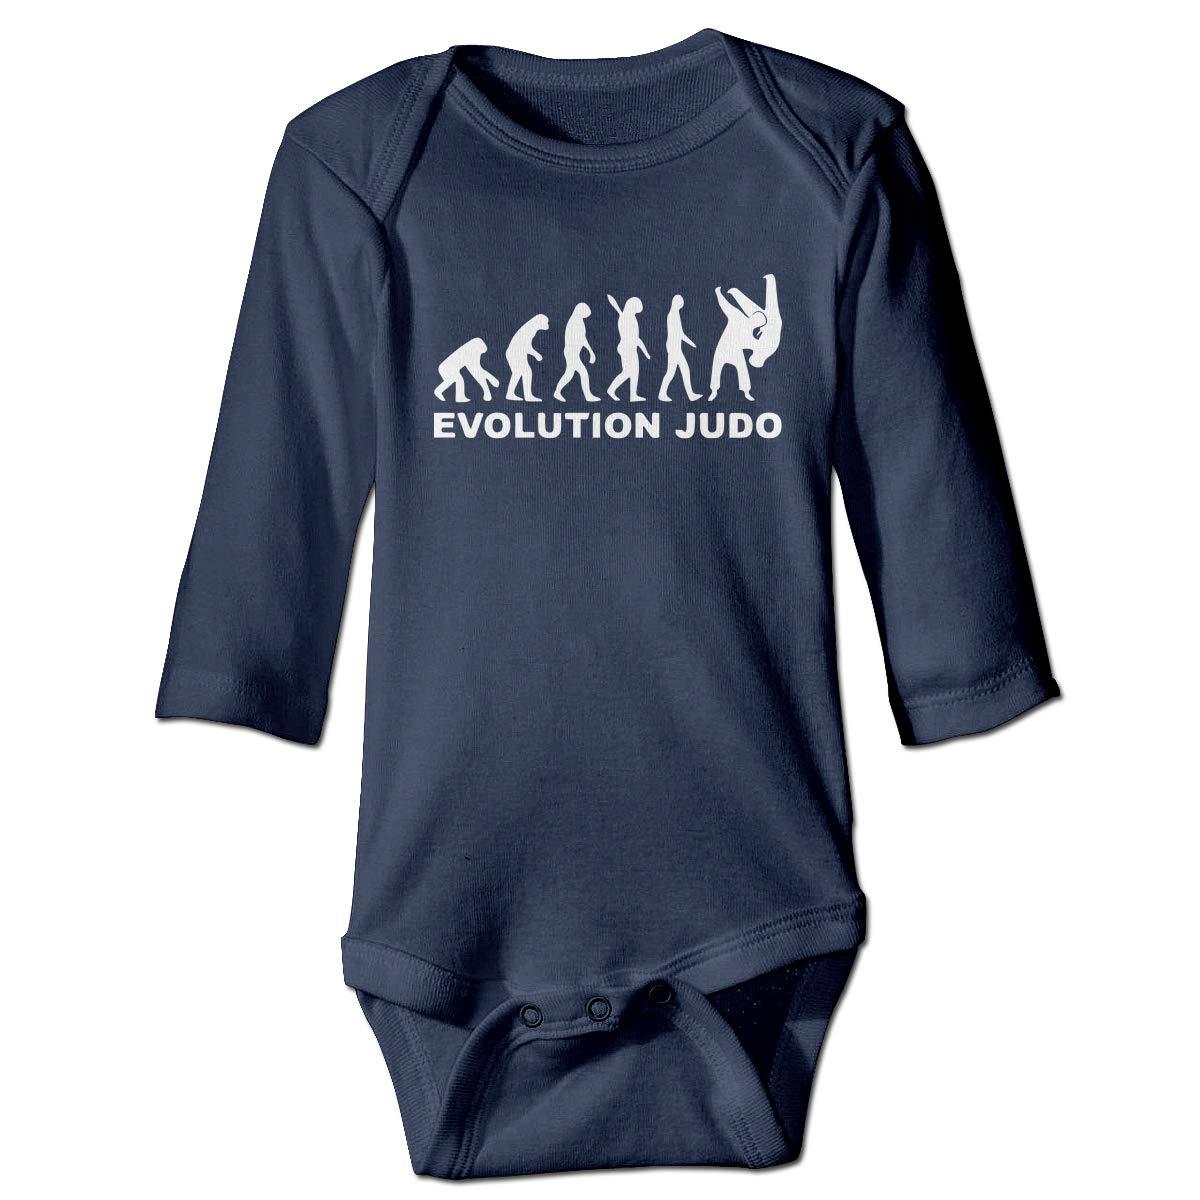 A14UBP Baby Infant Toddler Romper Bodysuit Jumpsuit Evolution Judo 1 Long Sleeve Funny Jumpsuit Romper